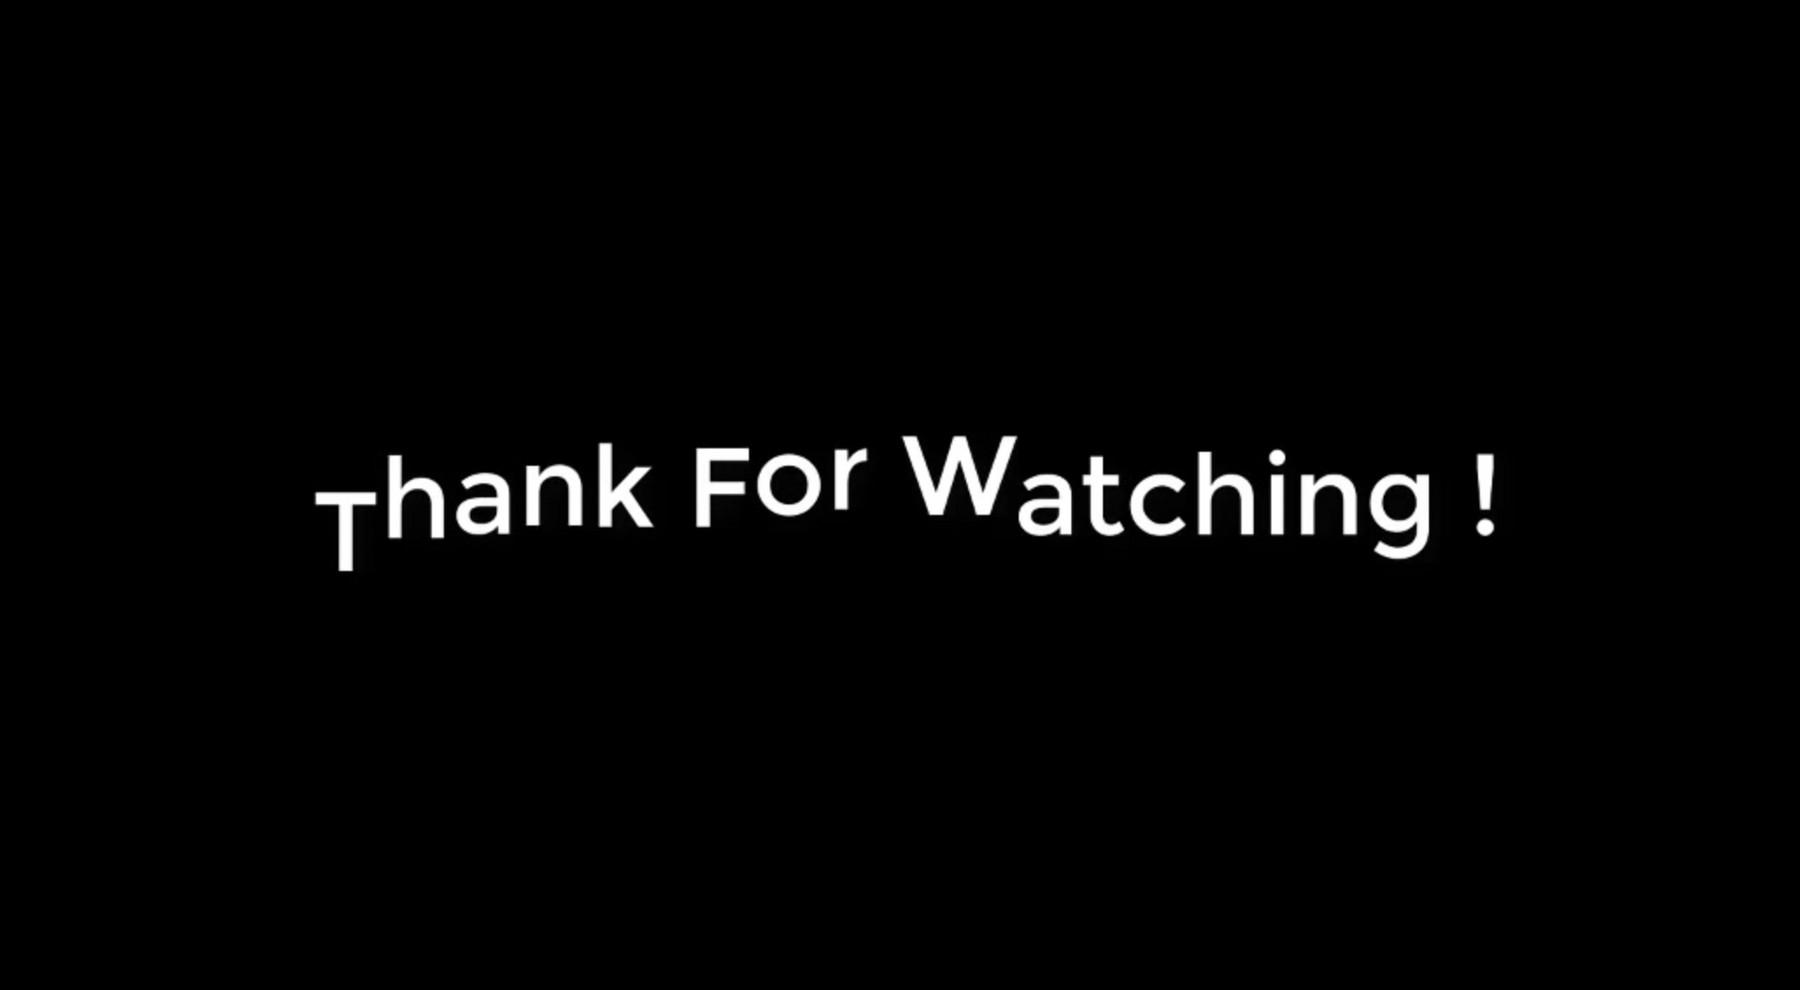 https://youtu.be/chhadeBucx4